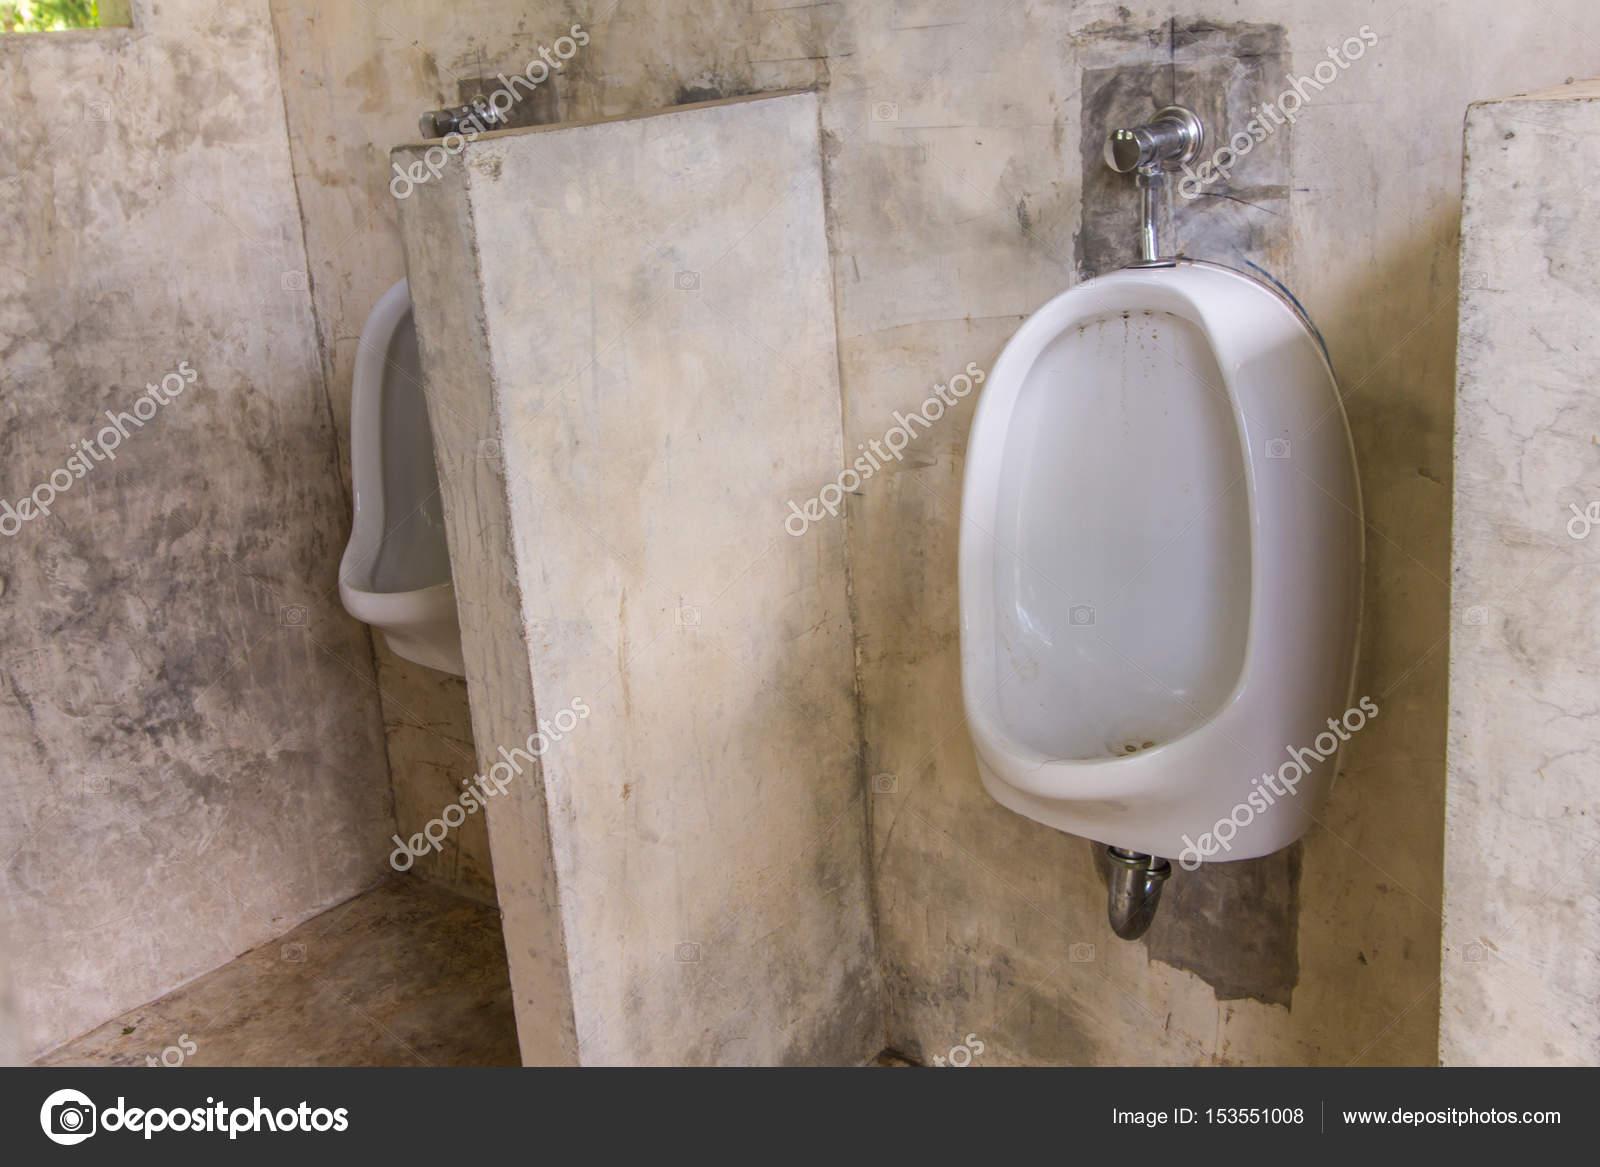 Salle De Bain Urinoir ~ urinoir dans les toilettes salle de bain pour hommes photographie